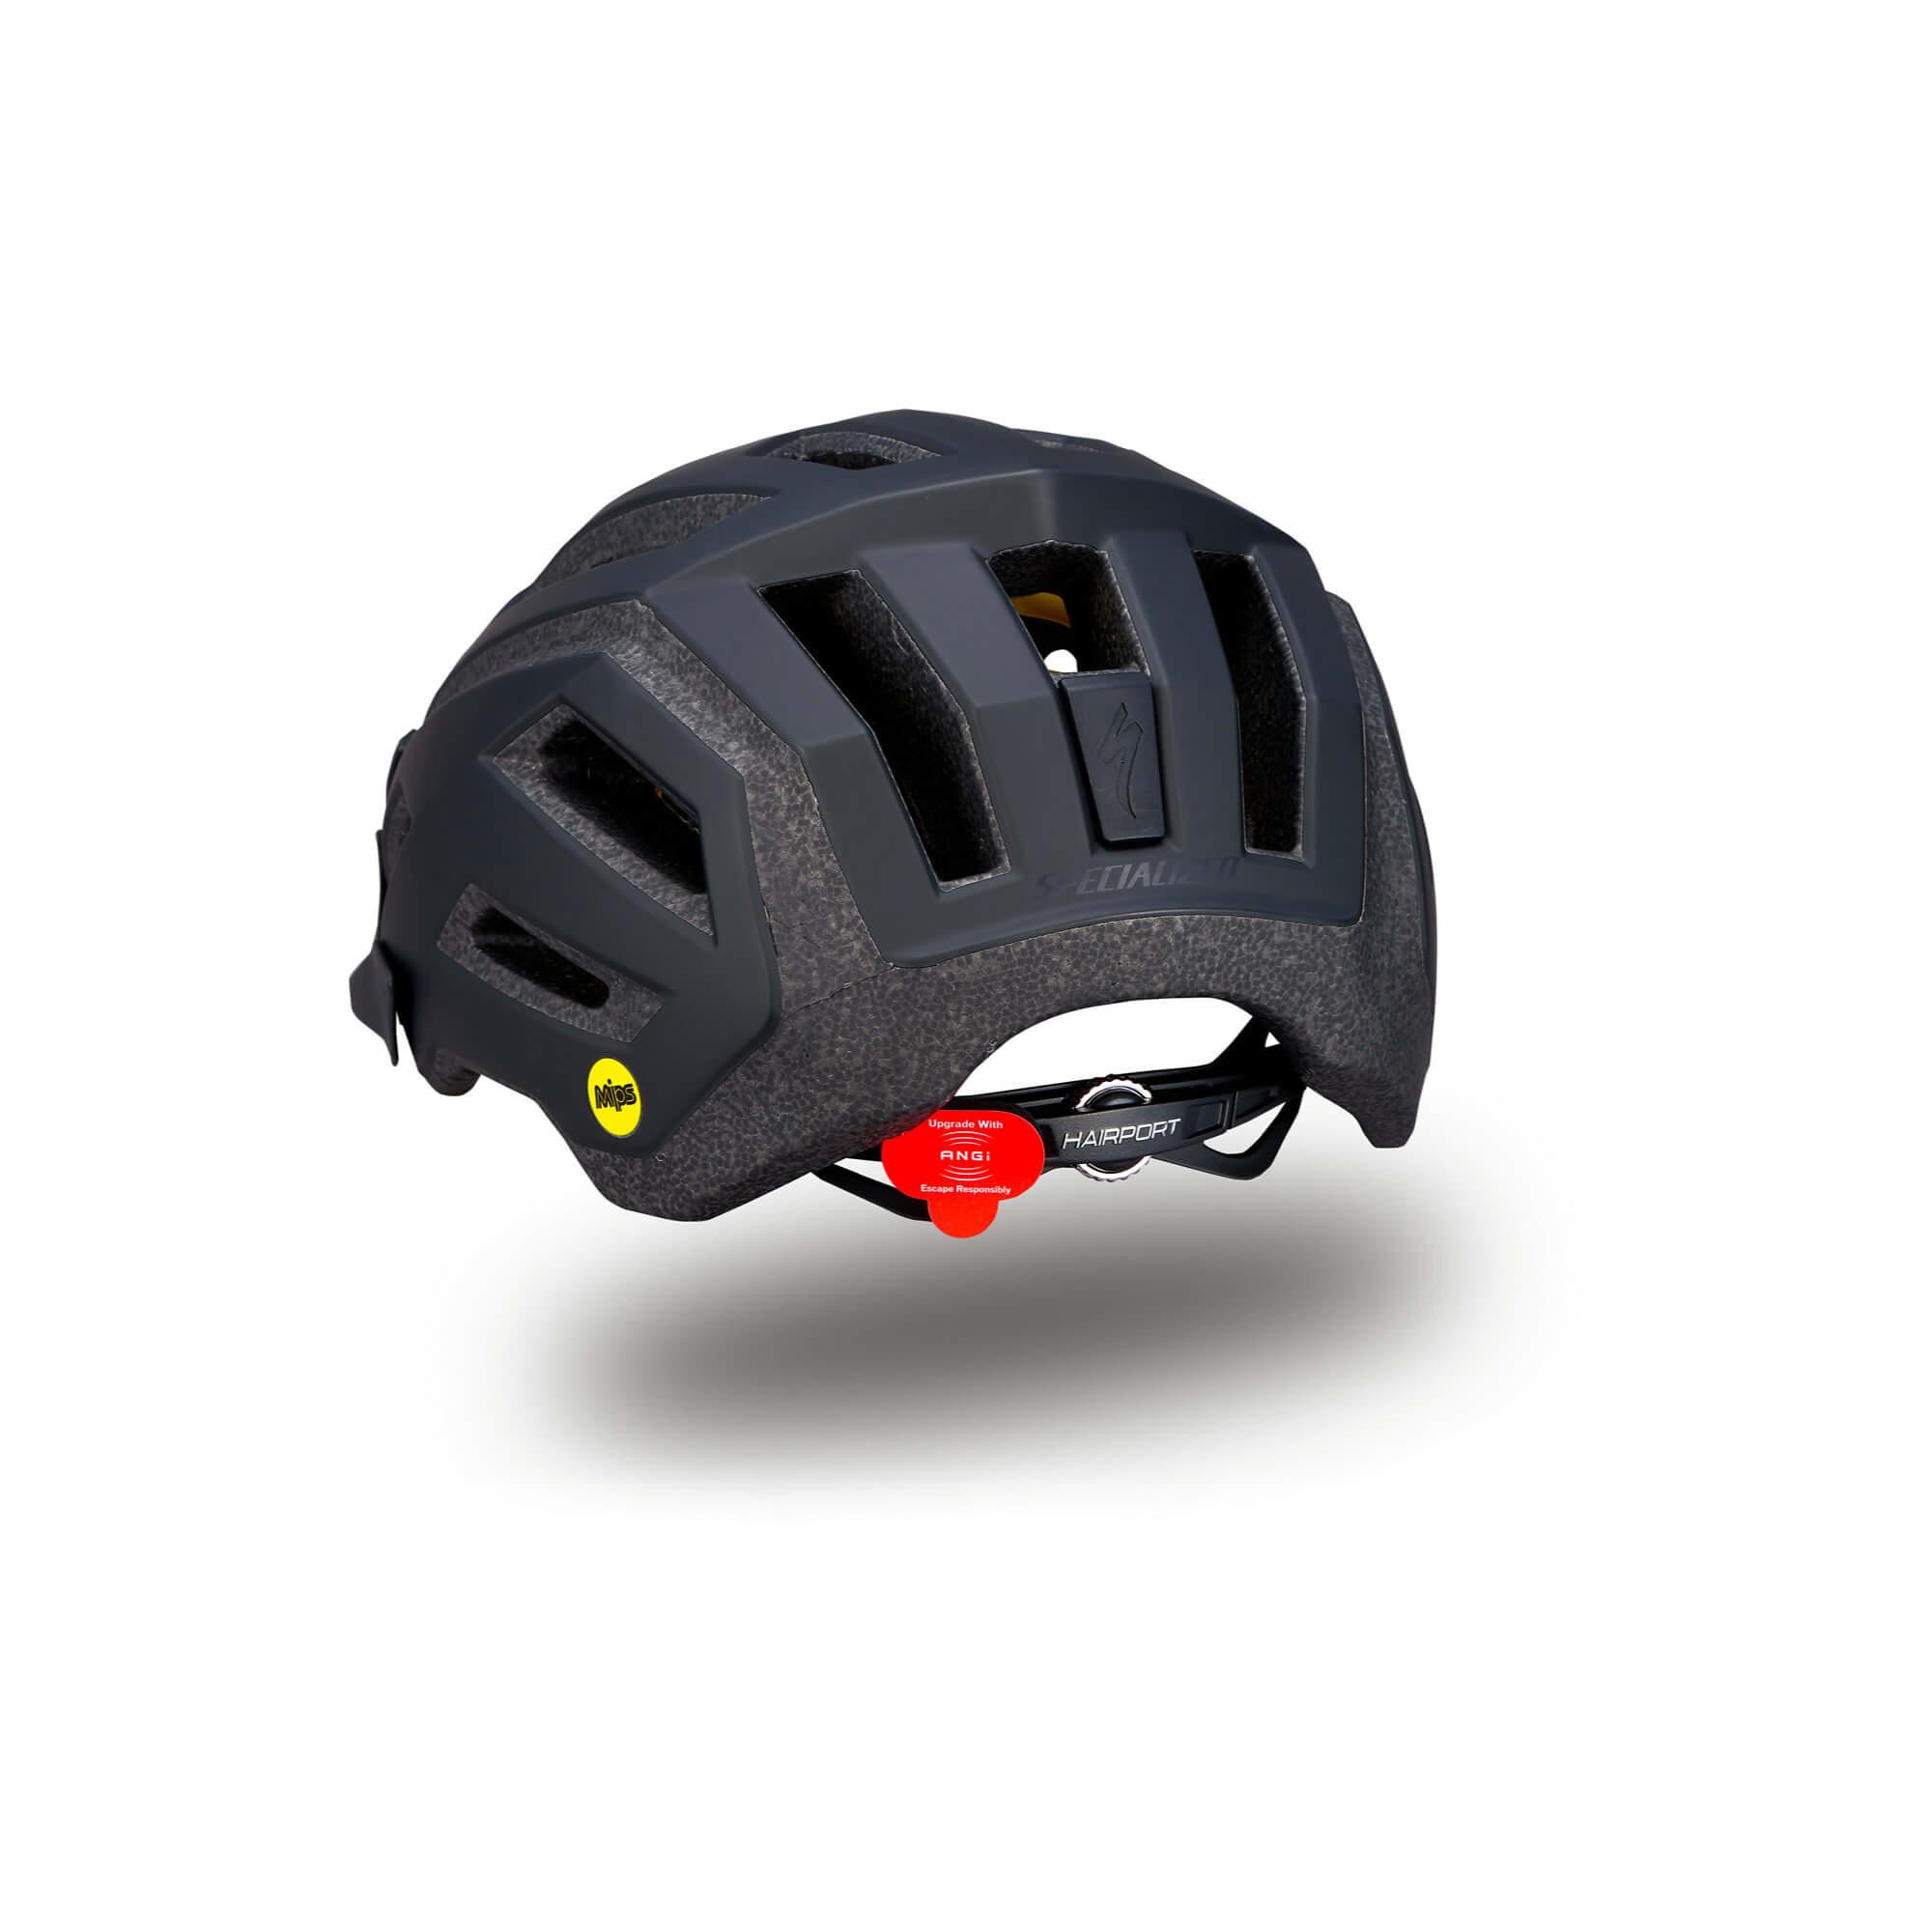 Tactic 3 Helmet Mips-8